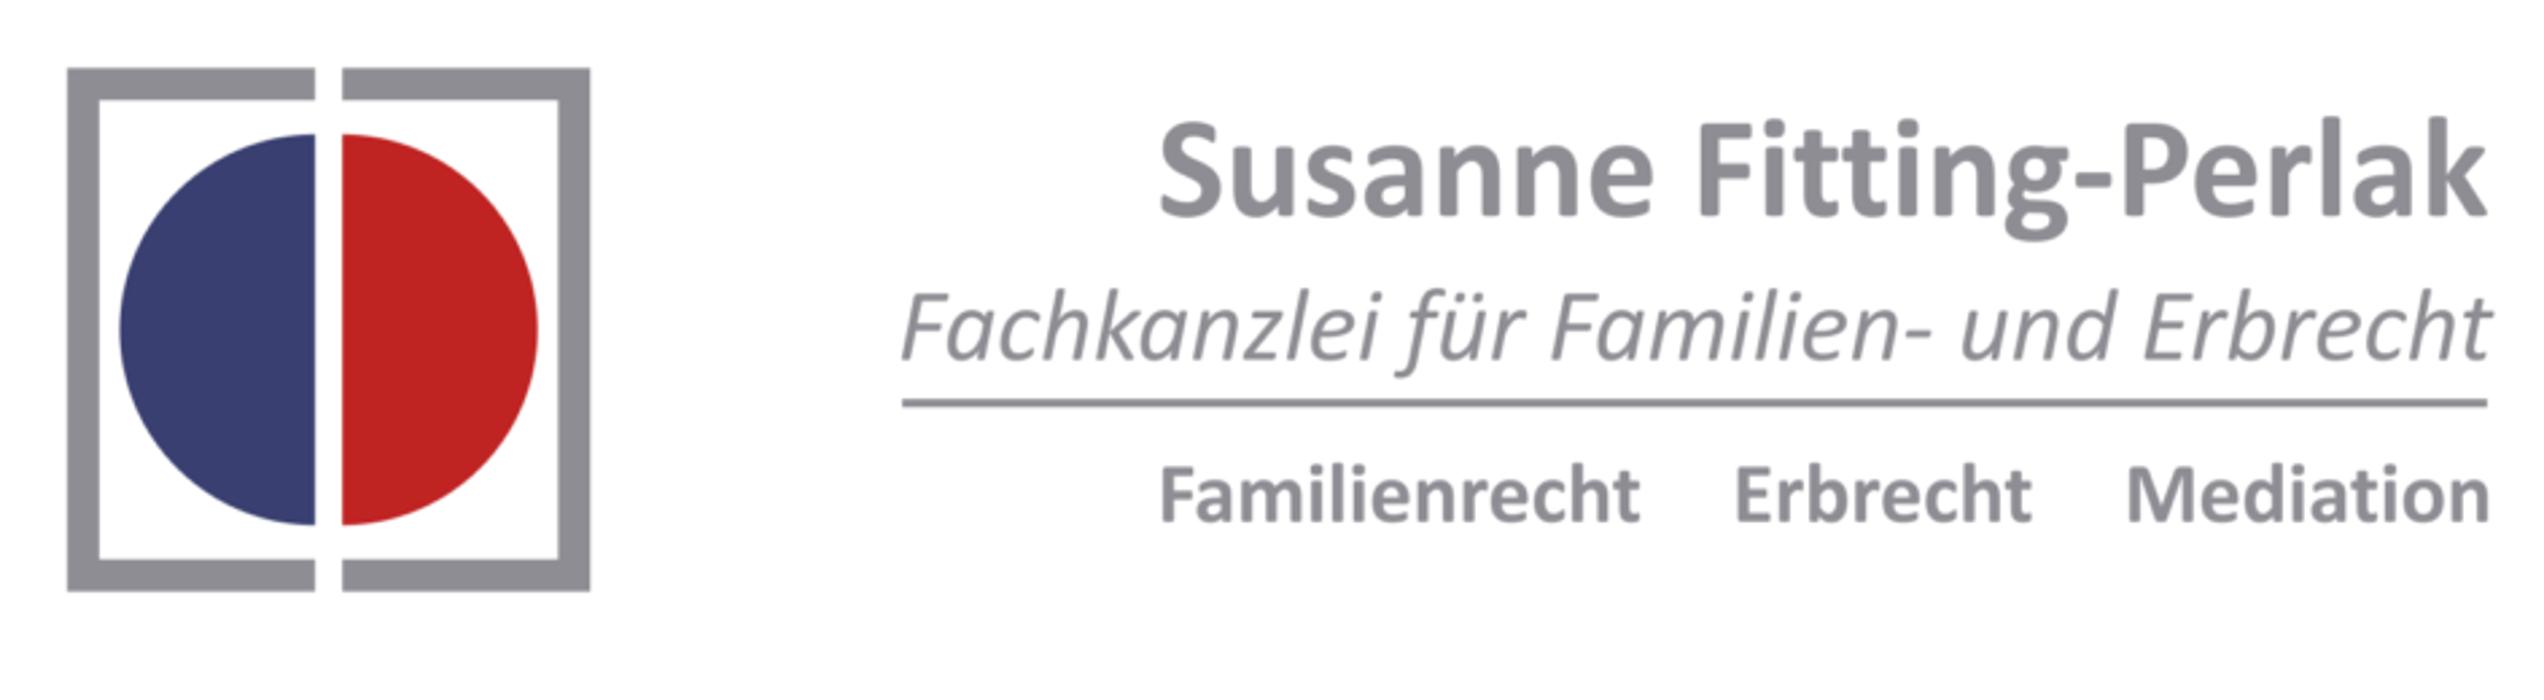 Bild zu Fachkanzlei für Familien- und Erbrecht Fitting-Perlak Susanne in Straubing